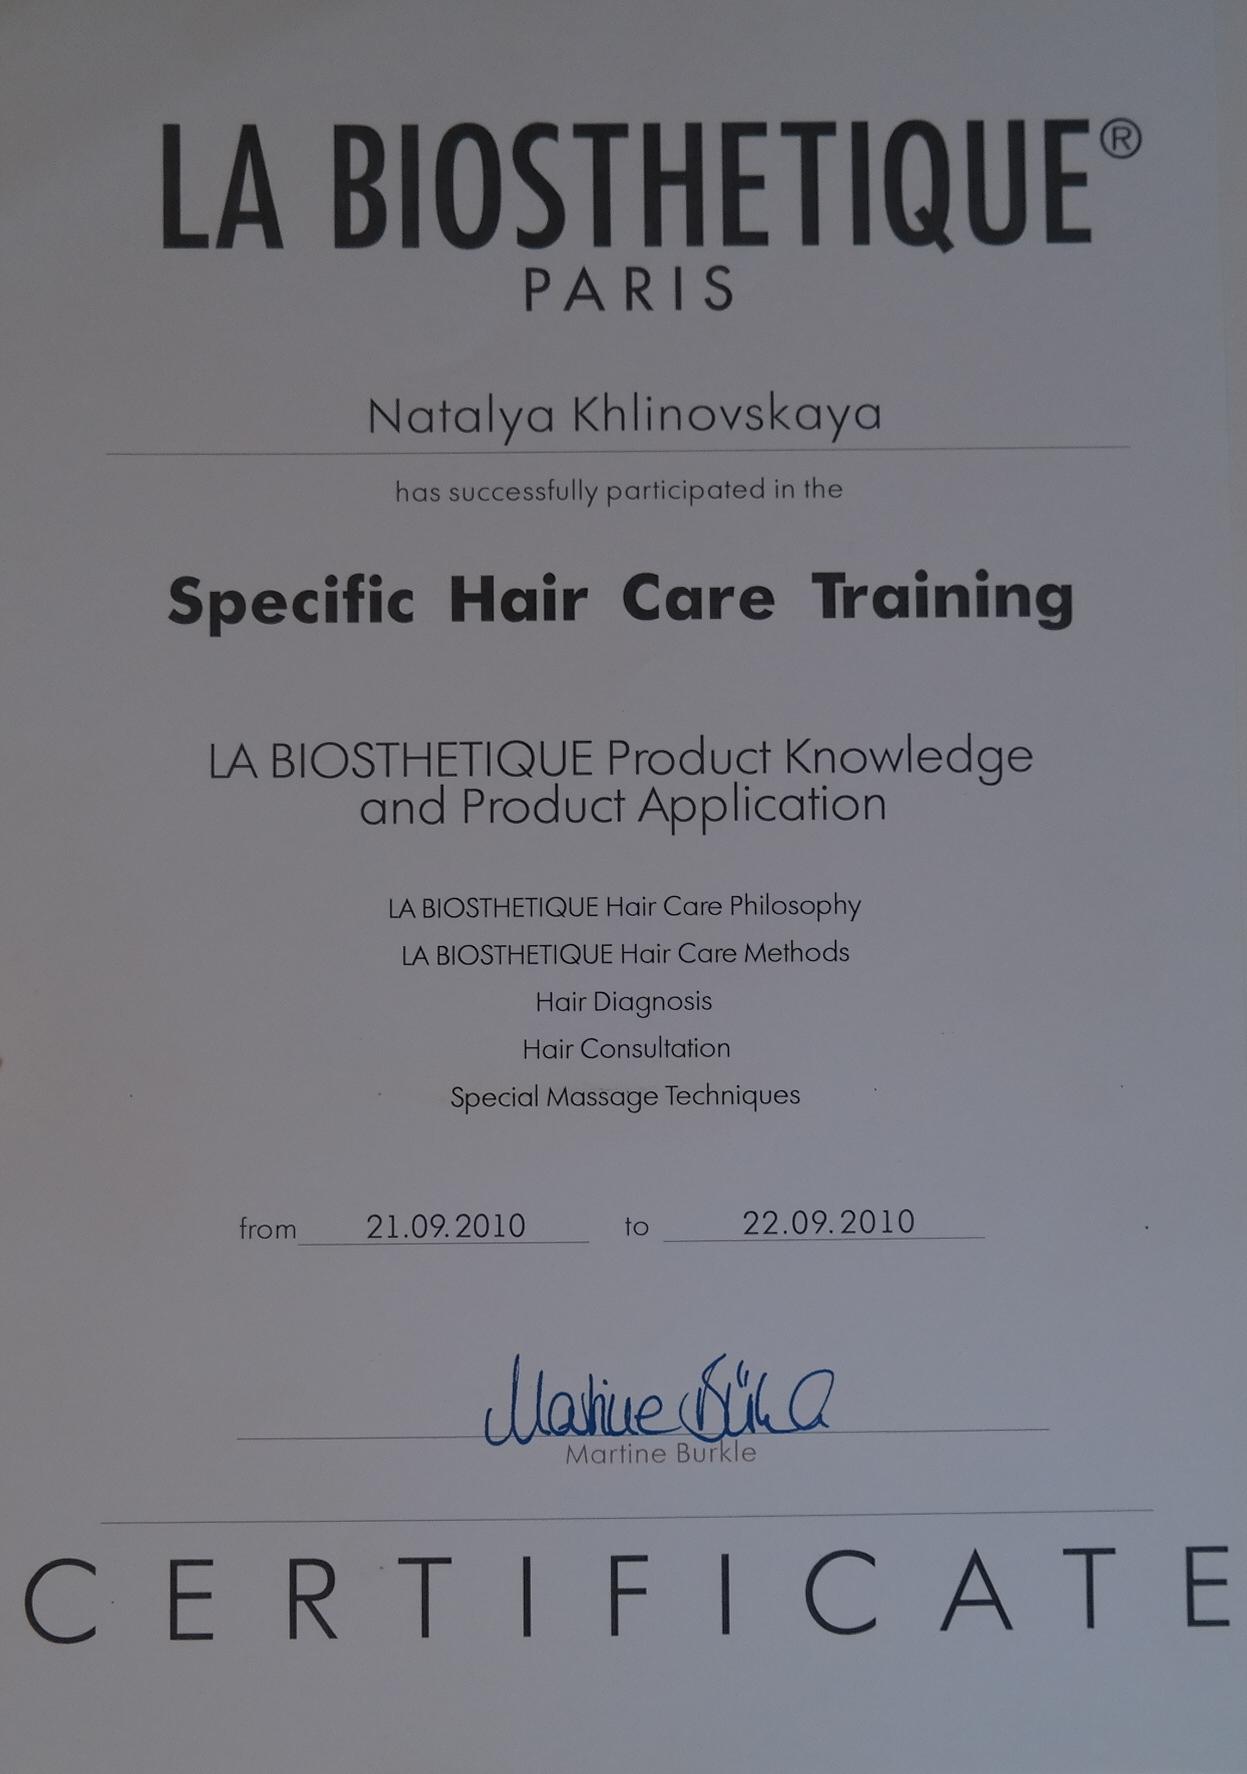 Специфика ухода за волосом и кожей головы La Biosthetique